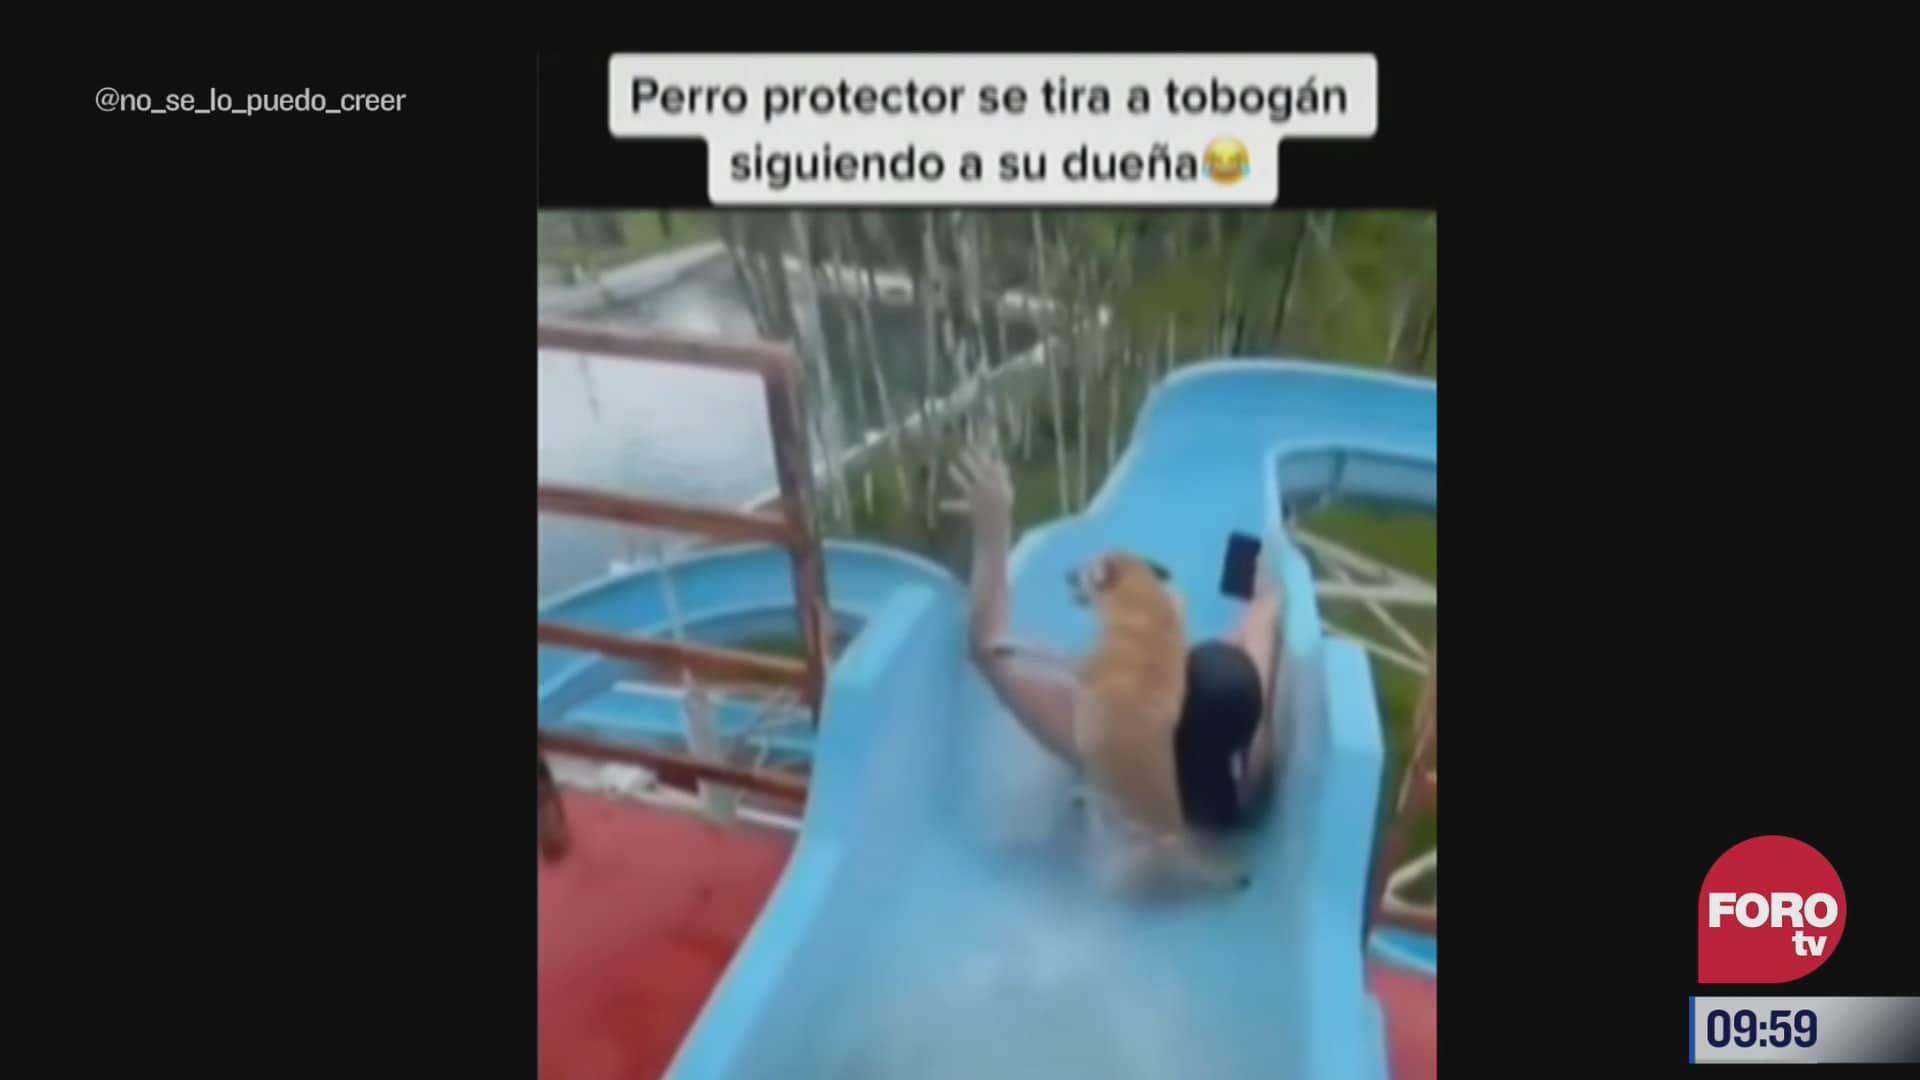 perro se lanza por tobogan